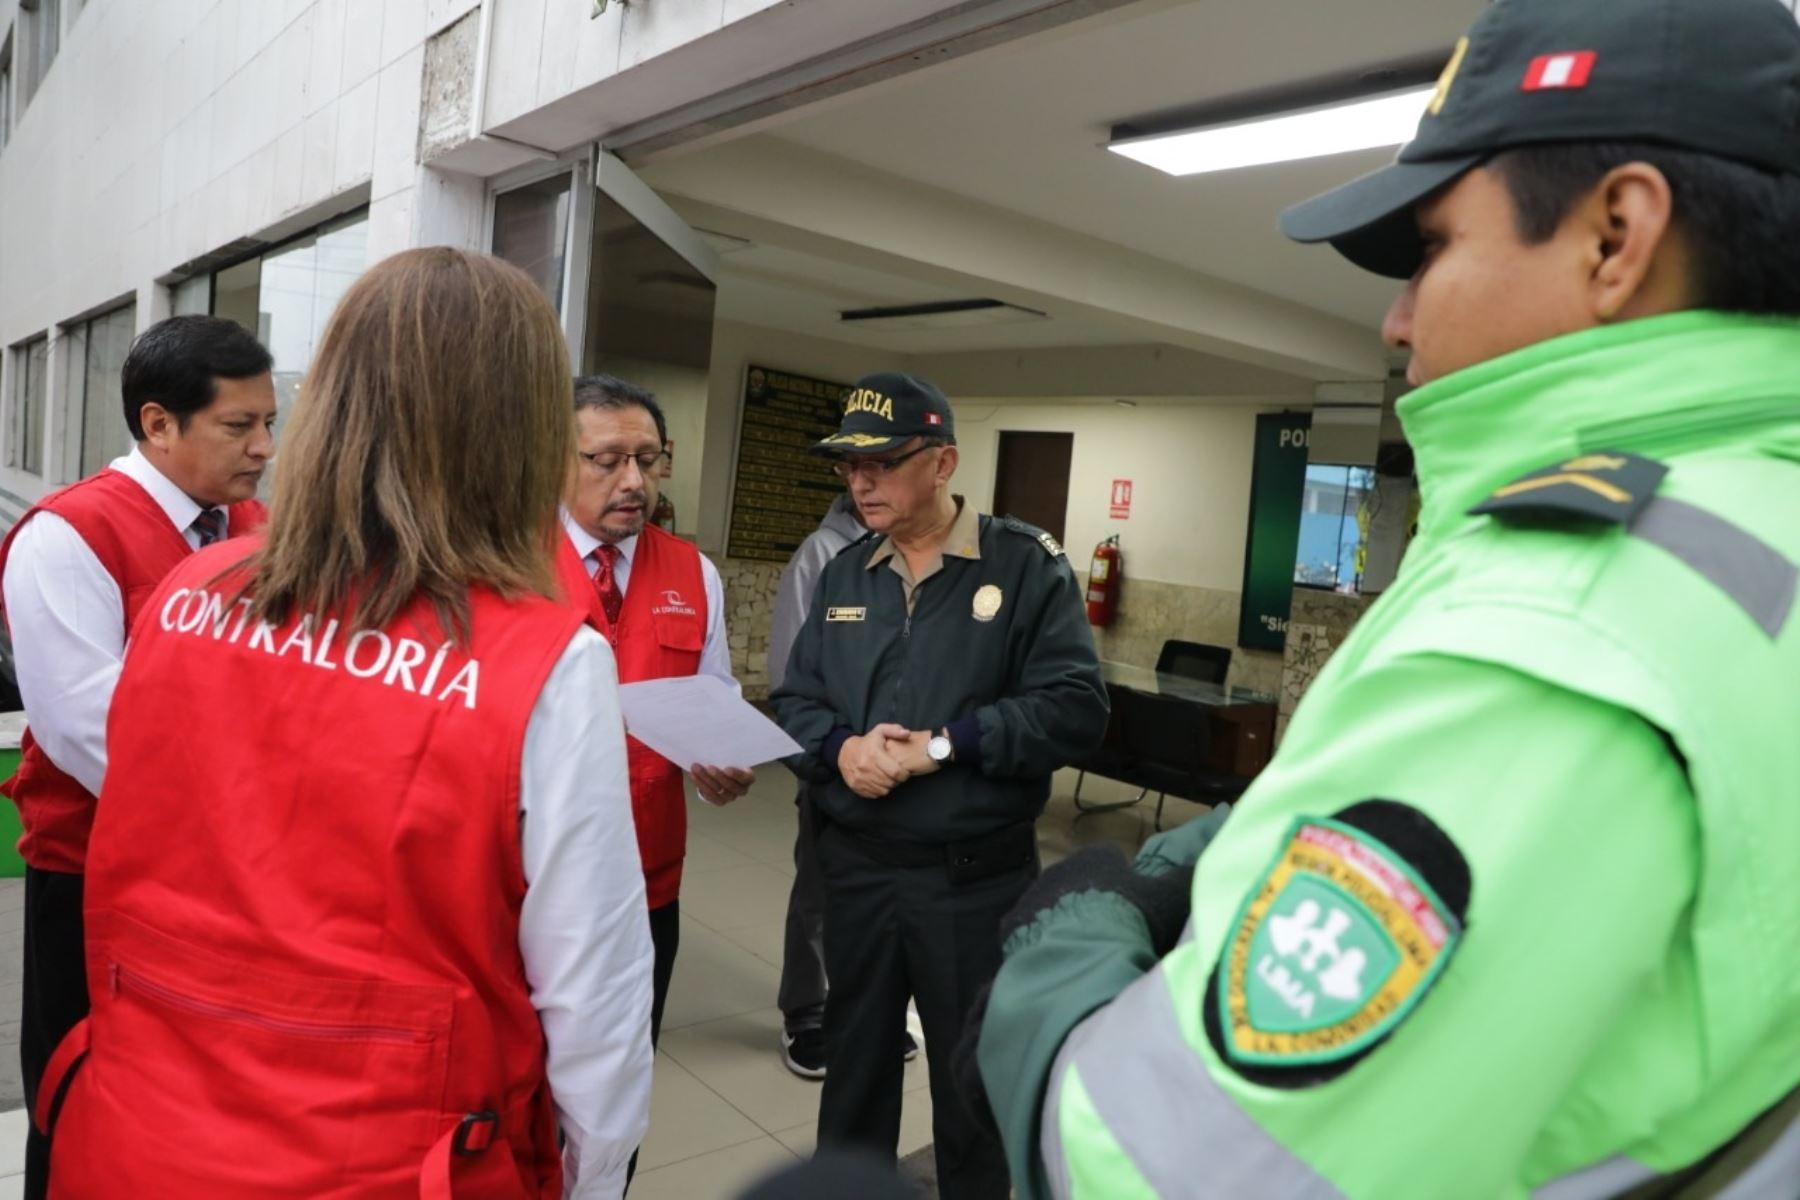 Contraloría inicia operativo para verificar servicios en 620 comisarías y servicios de serenazgo de 463 municipalidades. ANDINA/Difusión